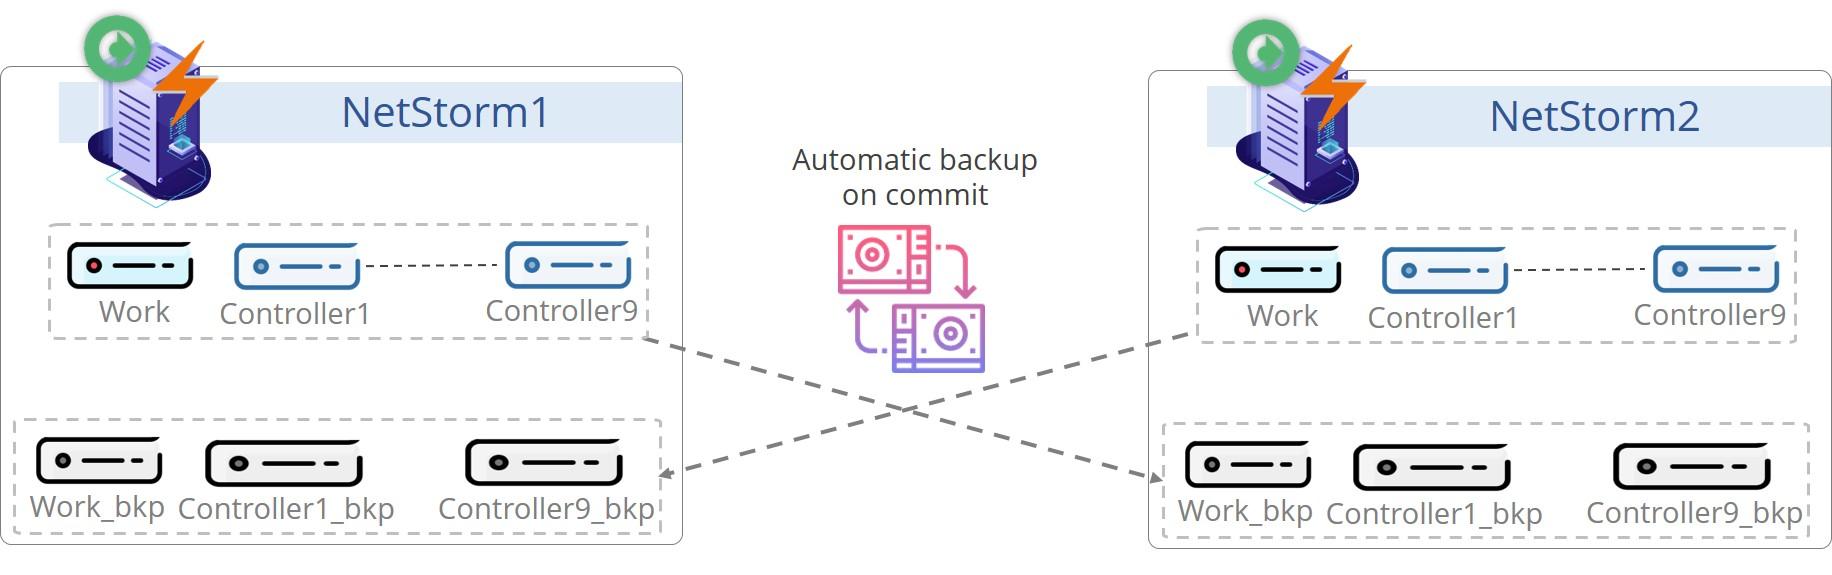 NetStorm Backup Process